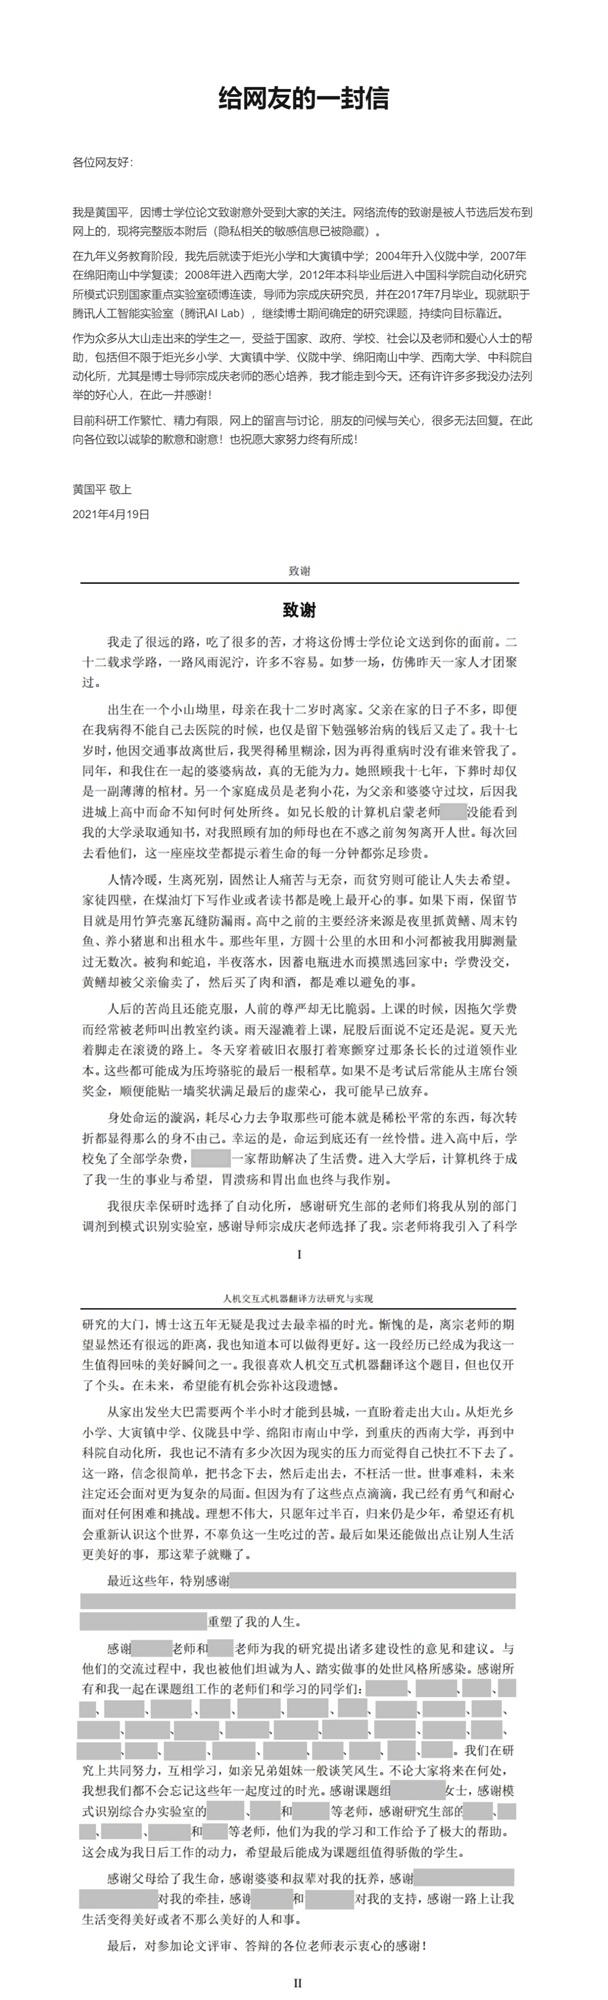 """黄国平:央视网评""""博士毕业论文致谢走红"""""""